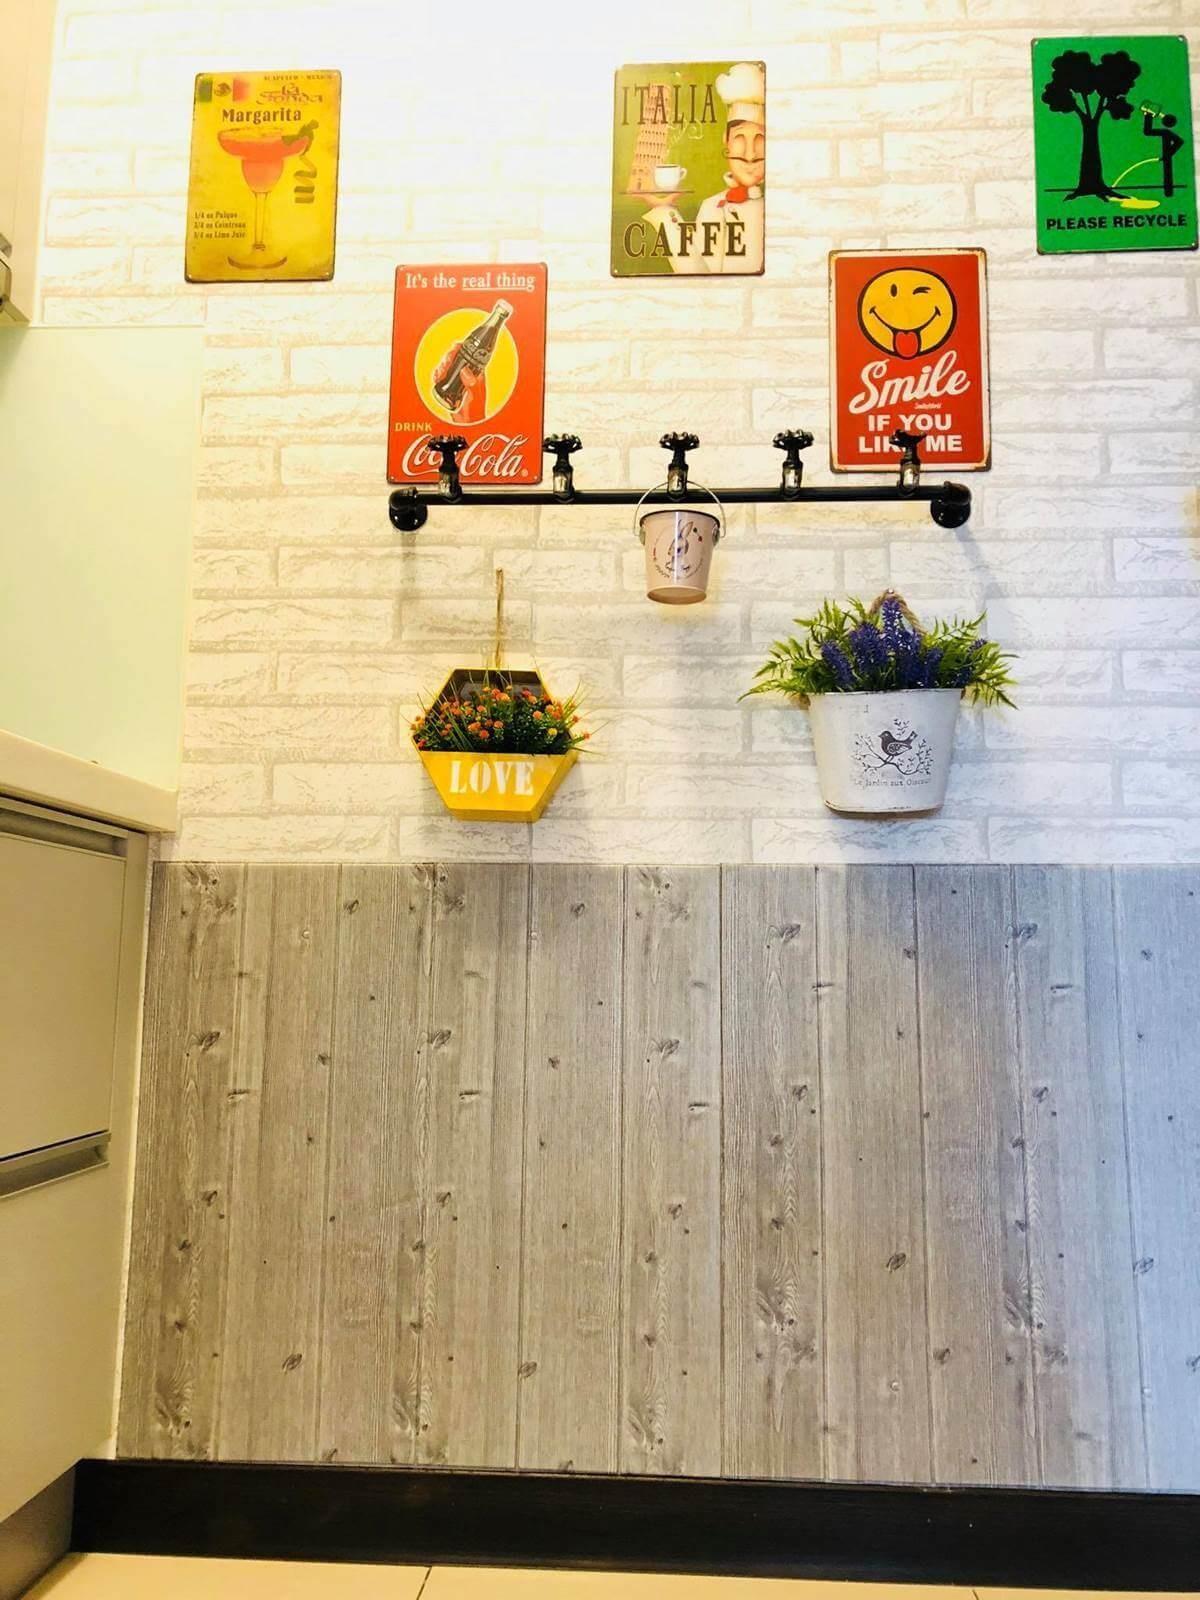 這片廚房白磚牆,其實是壁布加上仿木紋腰線壁貼,不過壁貼黏貼後會不好撕下,施工前要考慮清楚。